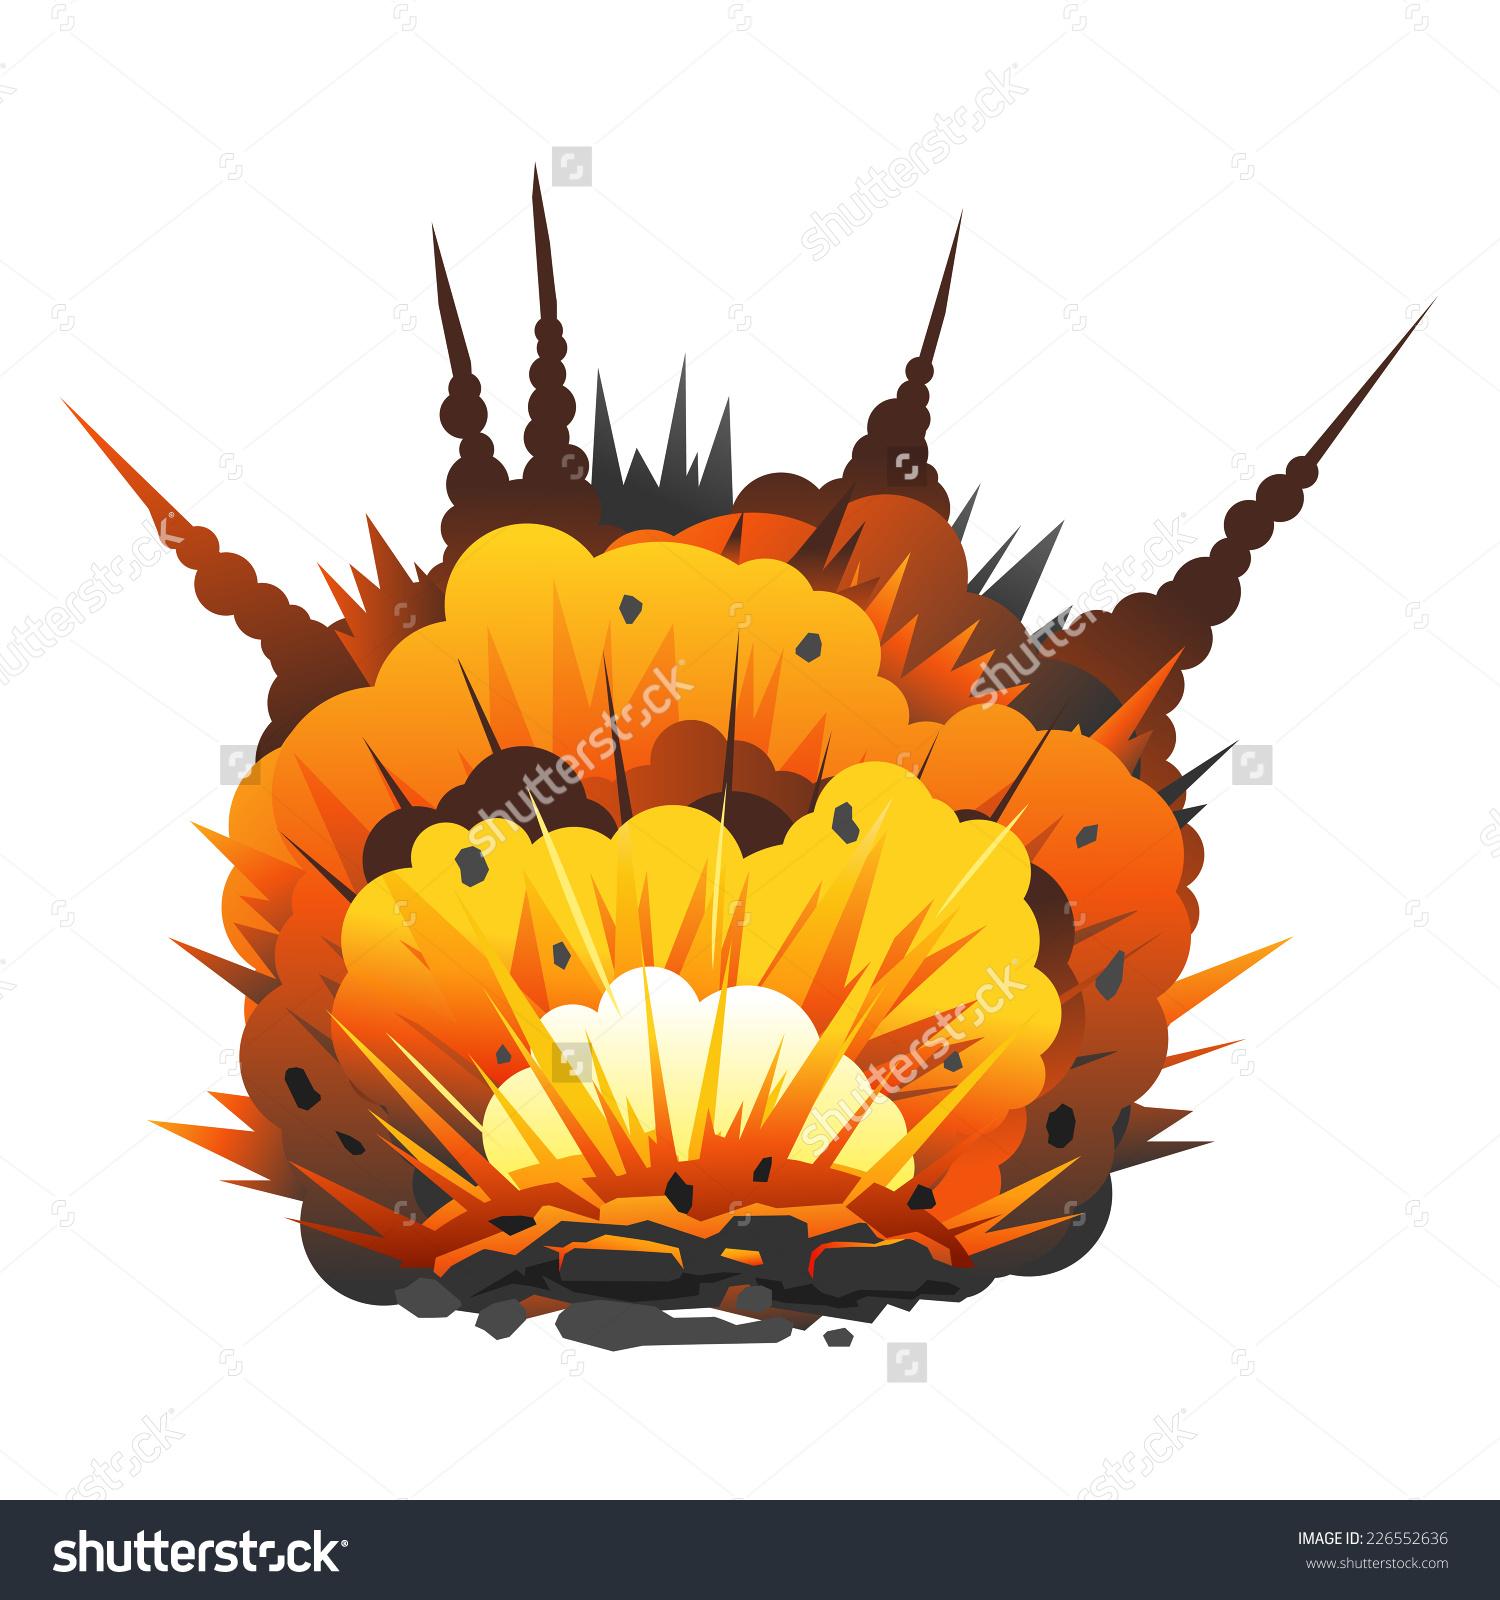 Bomb clipart vector art. Explosion explore pictures big